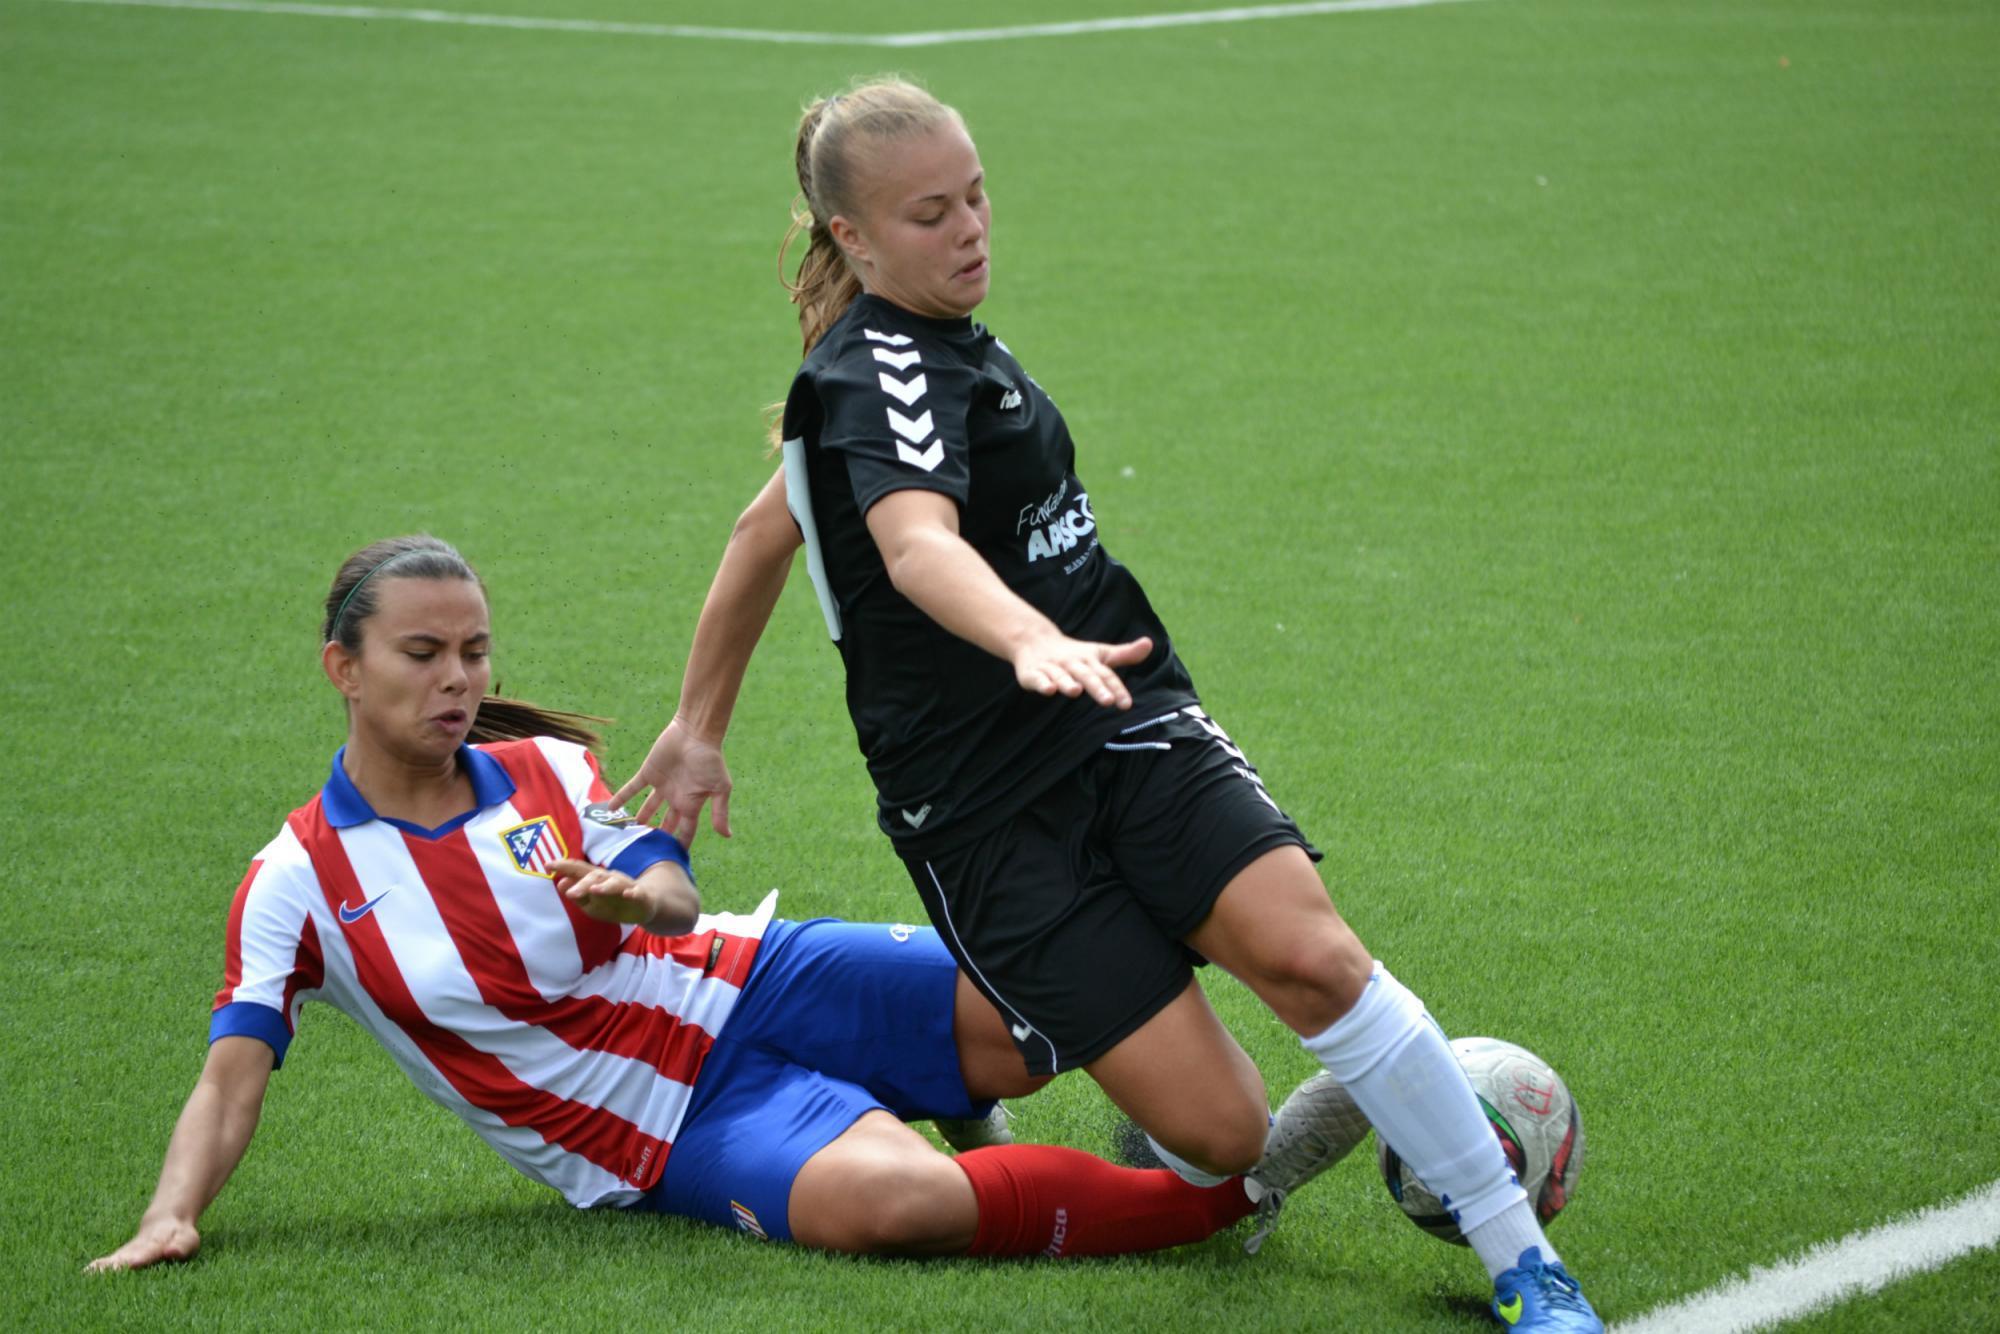 Las chicas del Torrelodones CF caen con honor ante el Atlético de Madrid